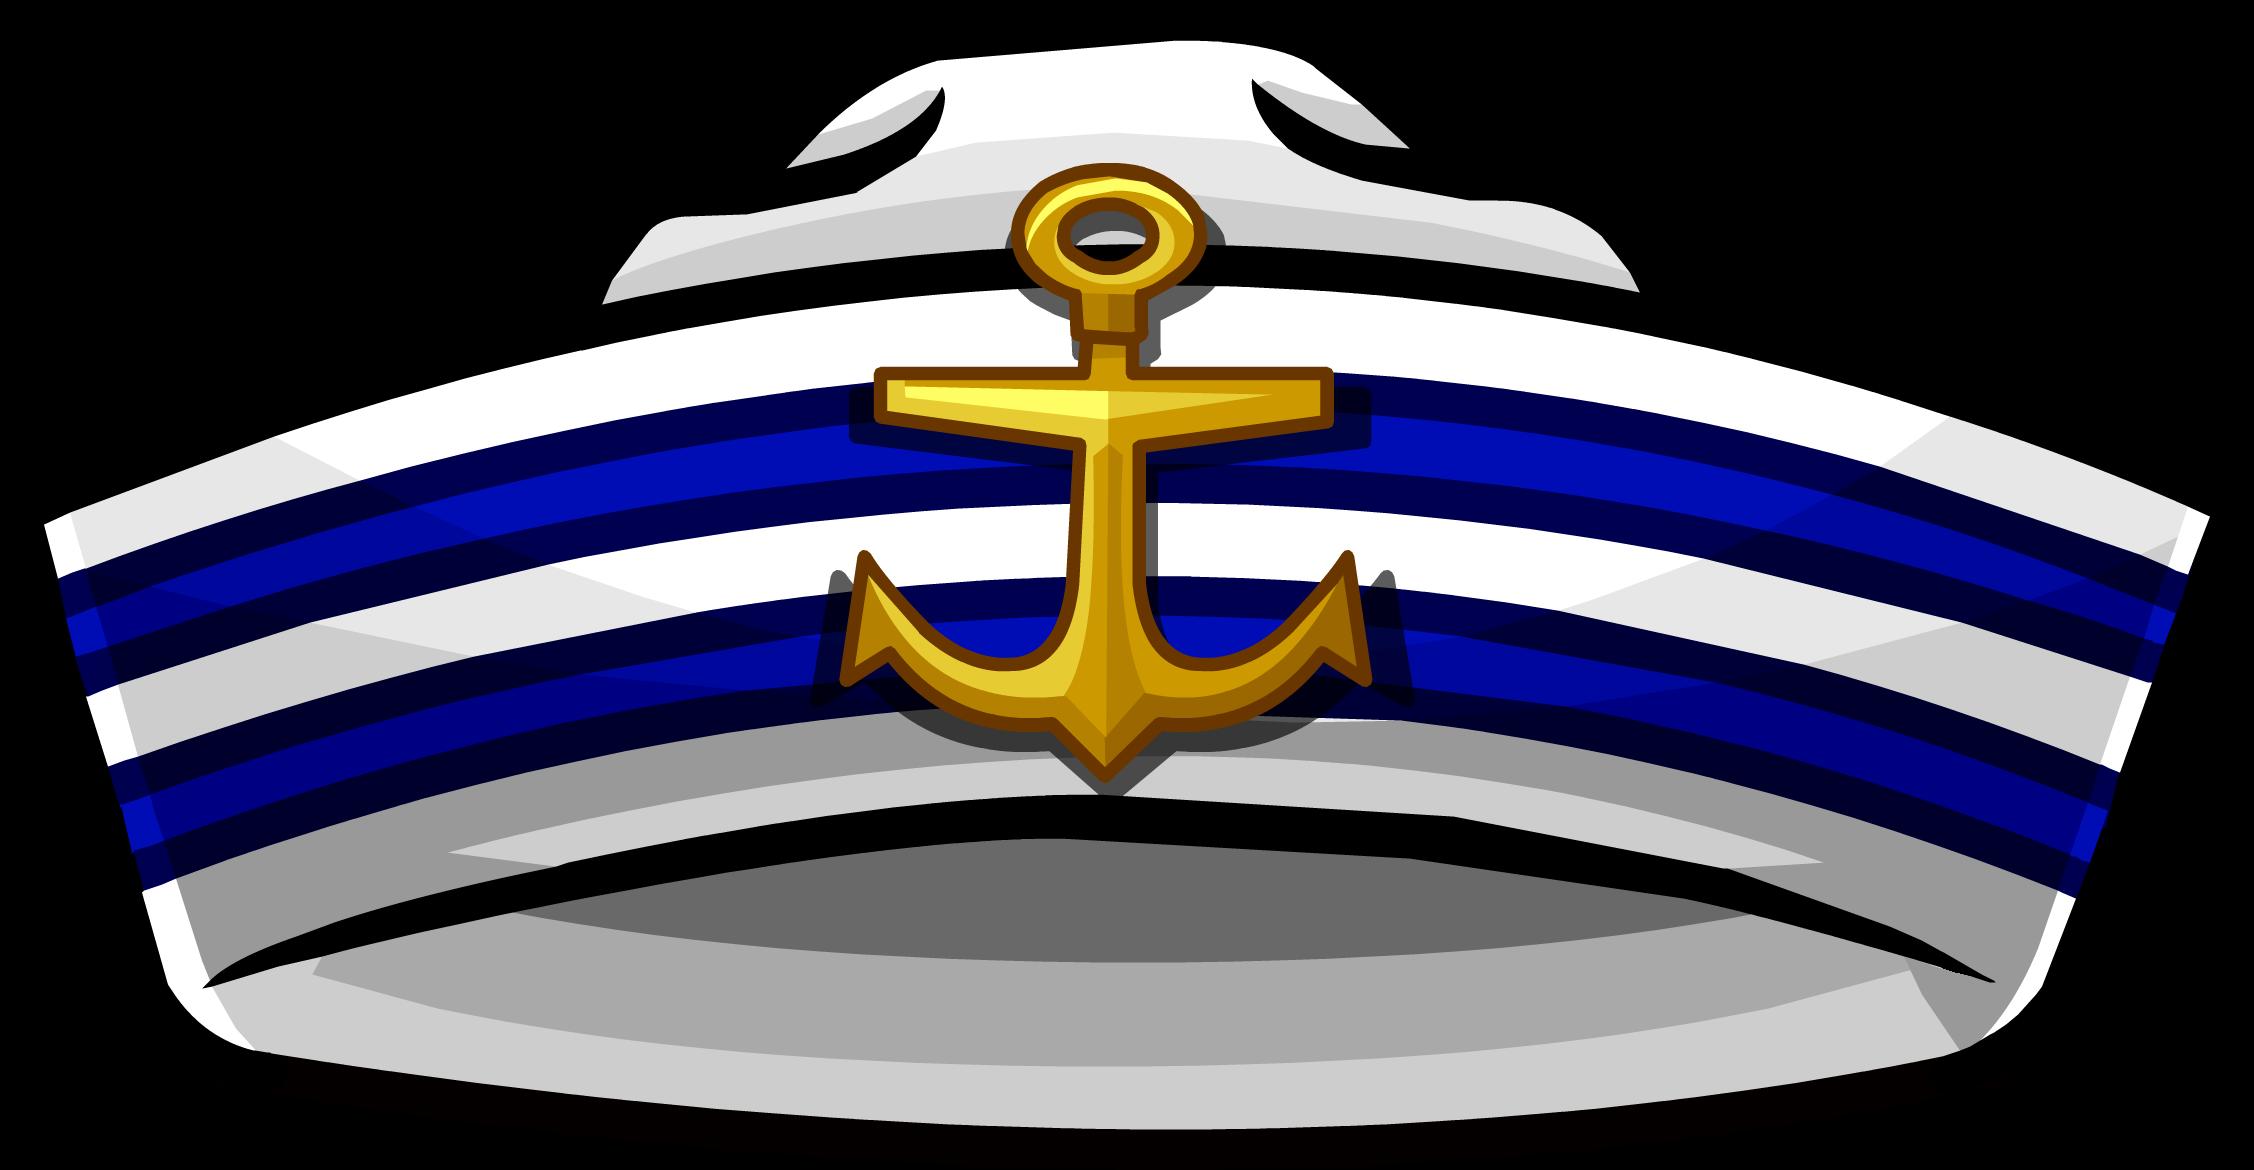 Sailor Hat Clipart Png.